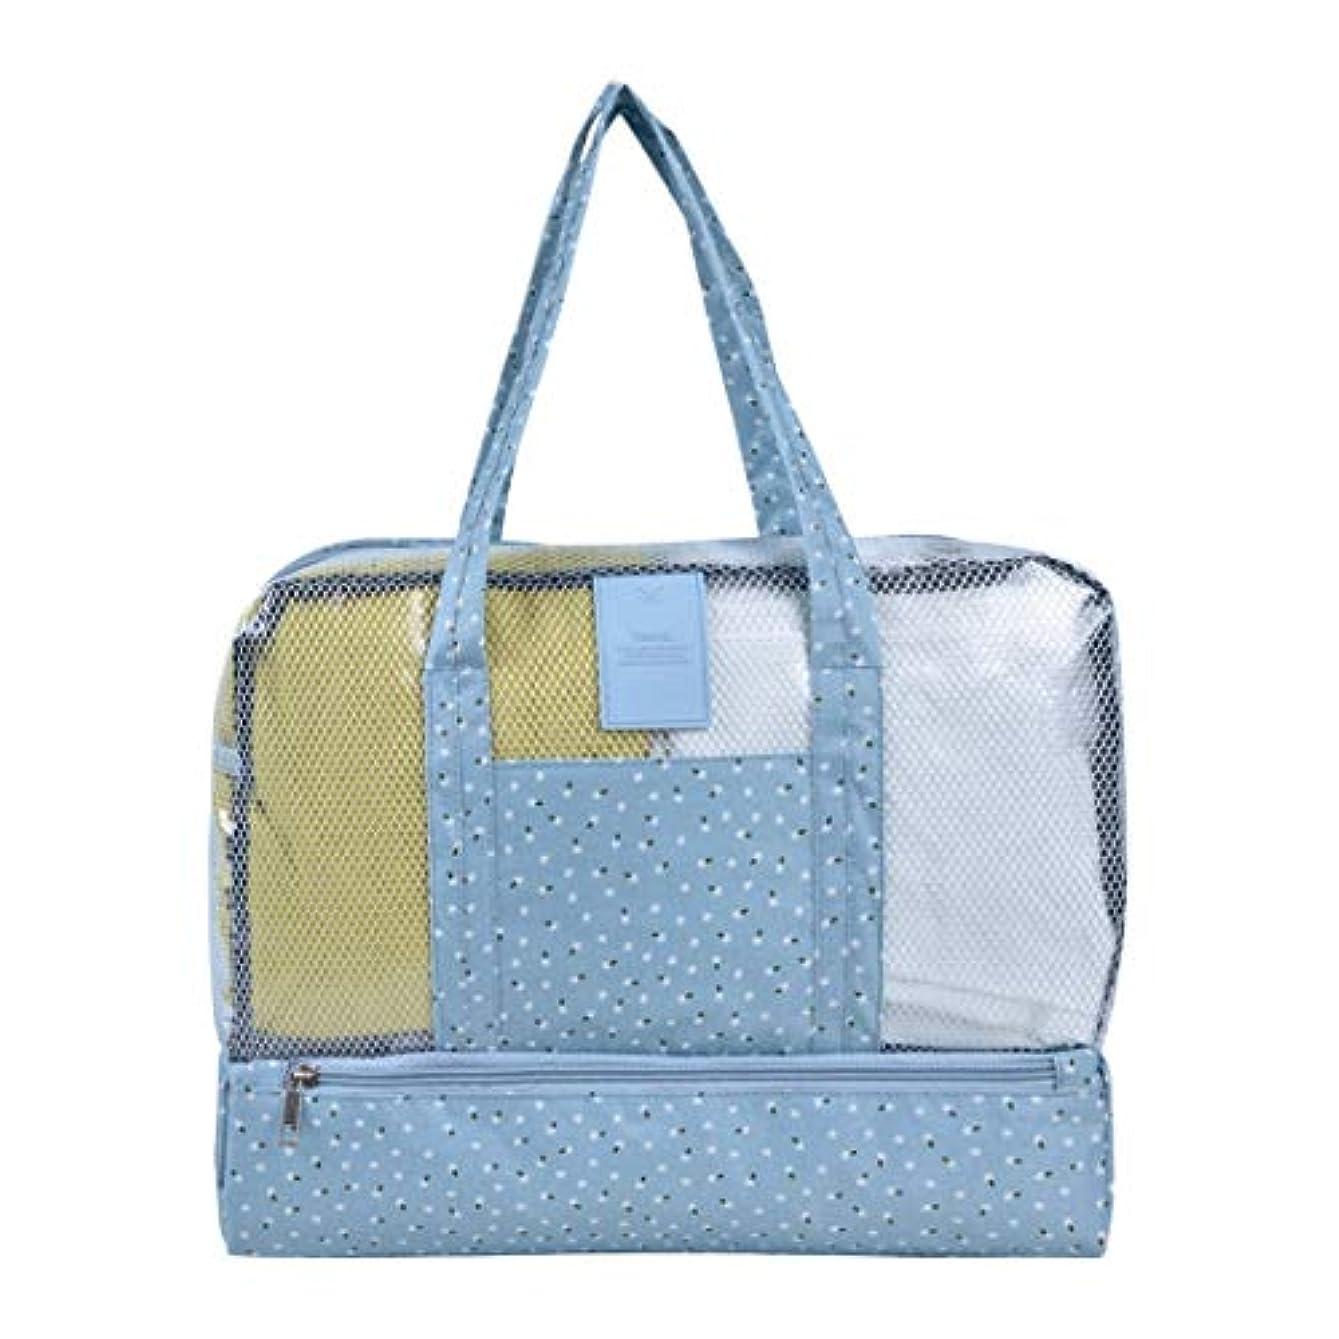 めったに説教選挙BALLEEY 屋外旅行ビーチスイミングバッグフローラルドライとウェットセパレーションバッグ男性と女性の防水ミイラ収納バッグ。ファッション収納引き出しタイプ (色 : Blue small floral)